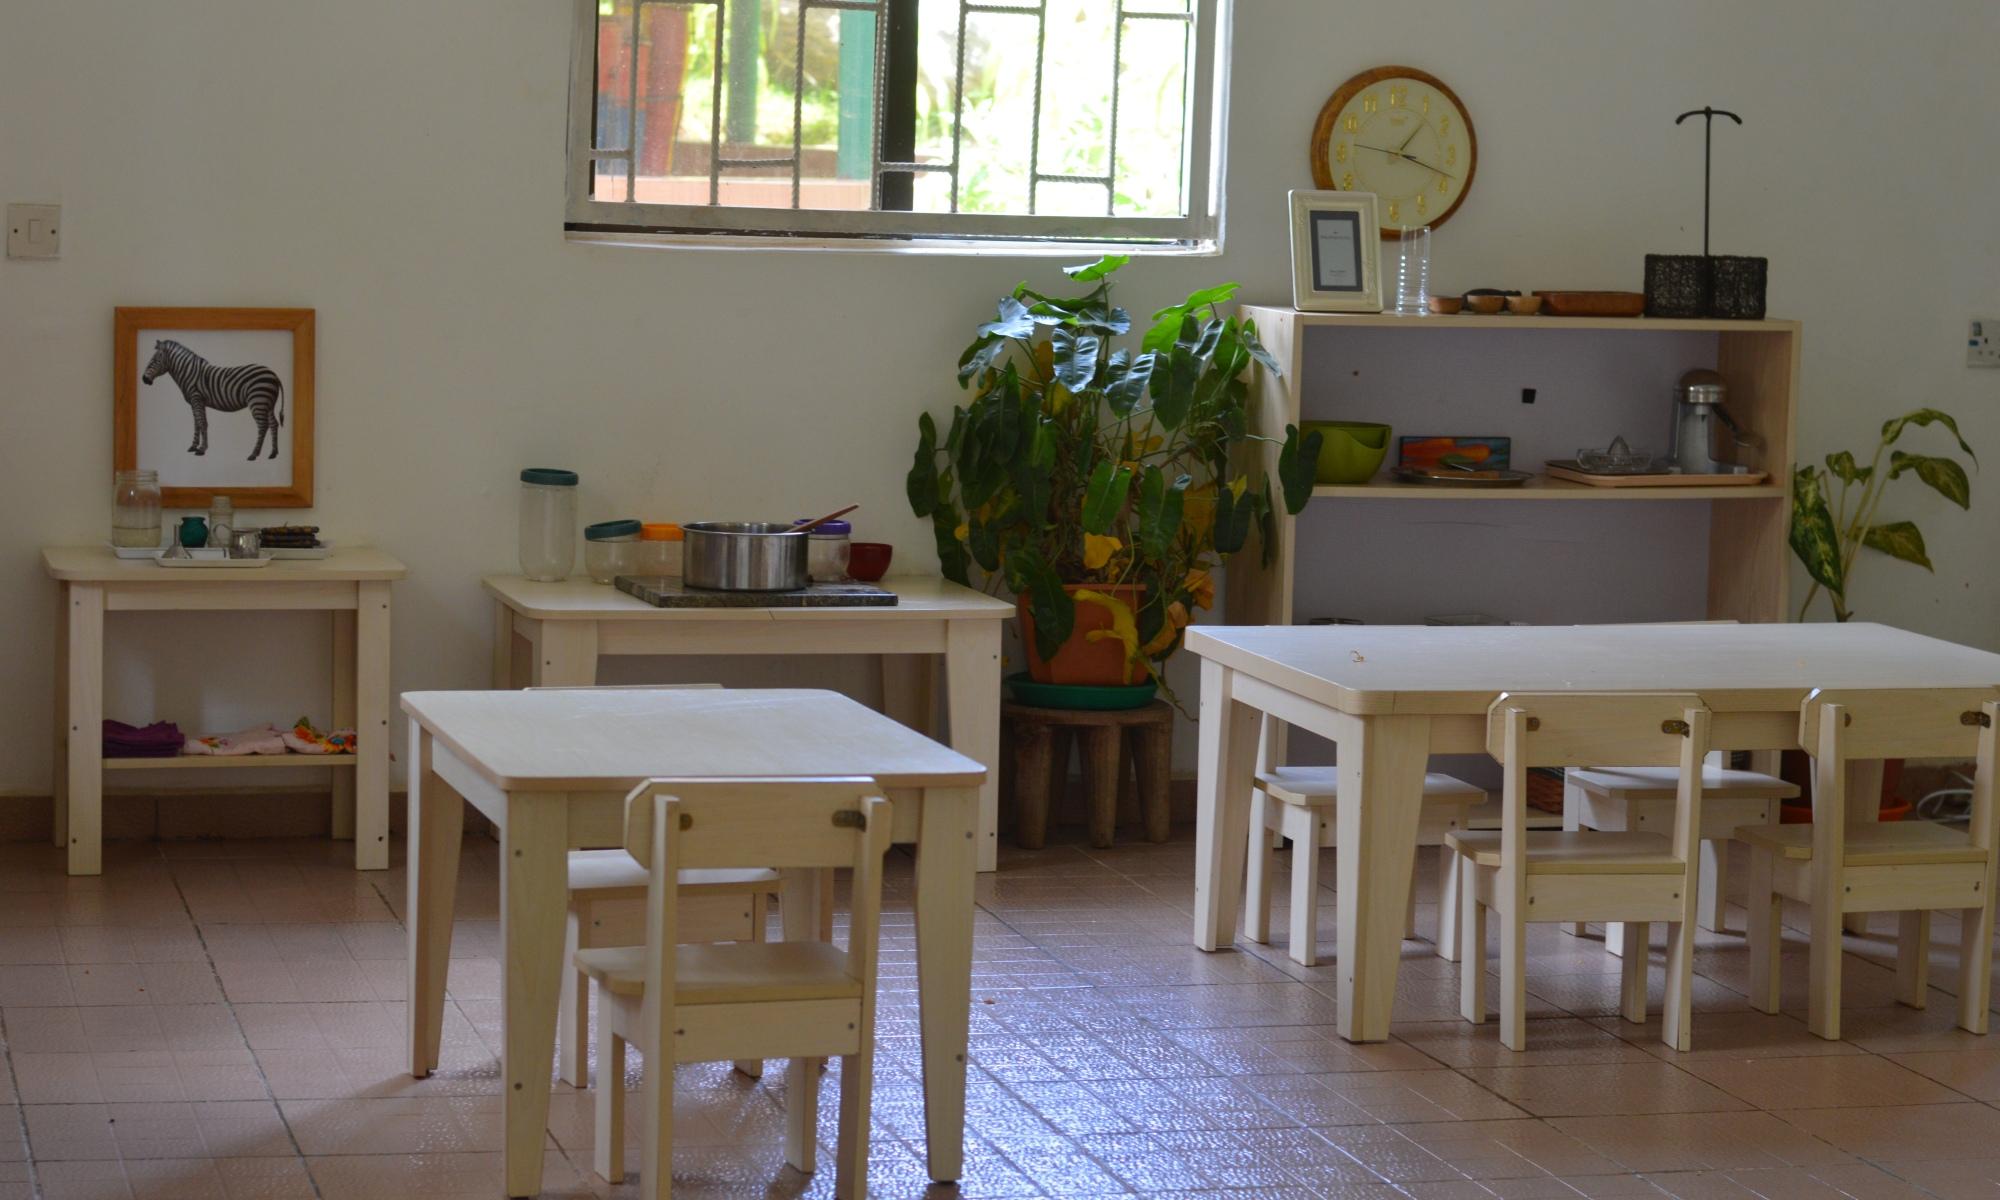 A Montessori Field Trip A Trip To Fruitful Orchard Montessori In Nigeria Our Montessori Life